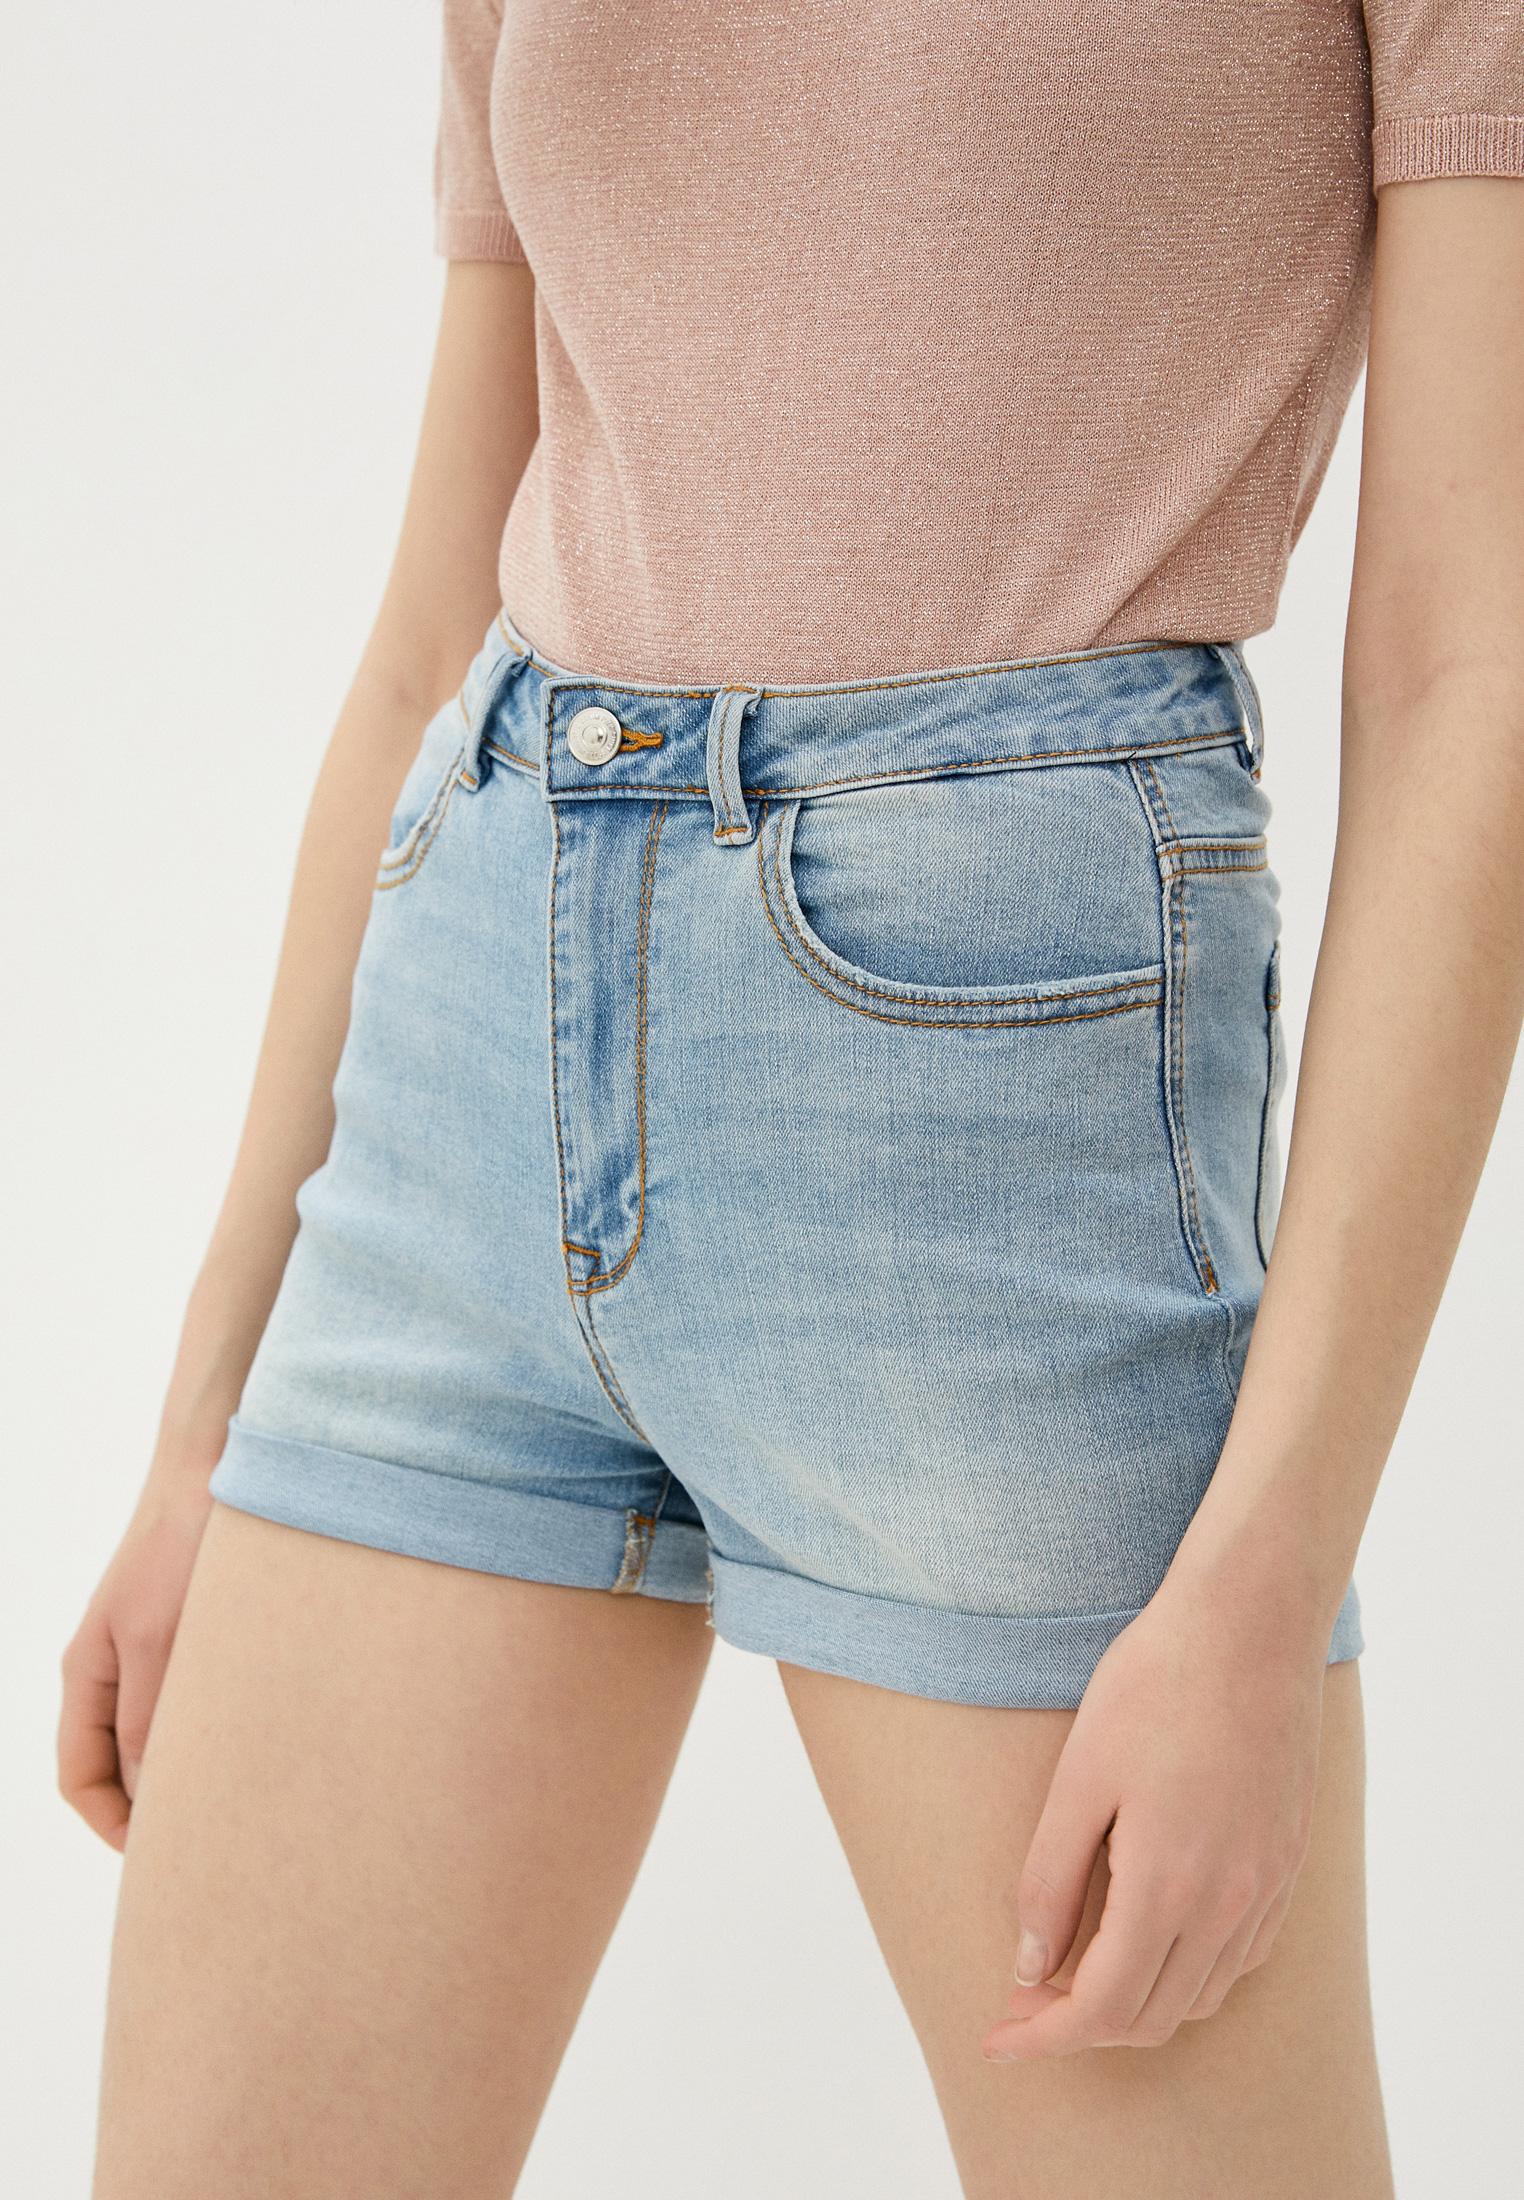 Женские джинсовые шорты Pimkie Шорты джинсовые Pimkie